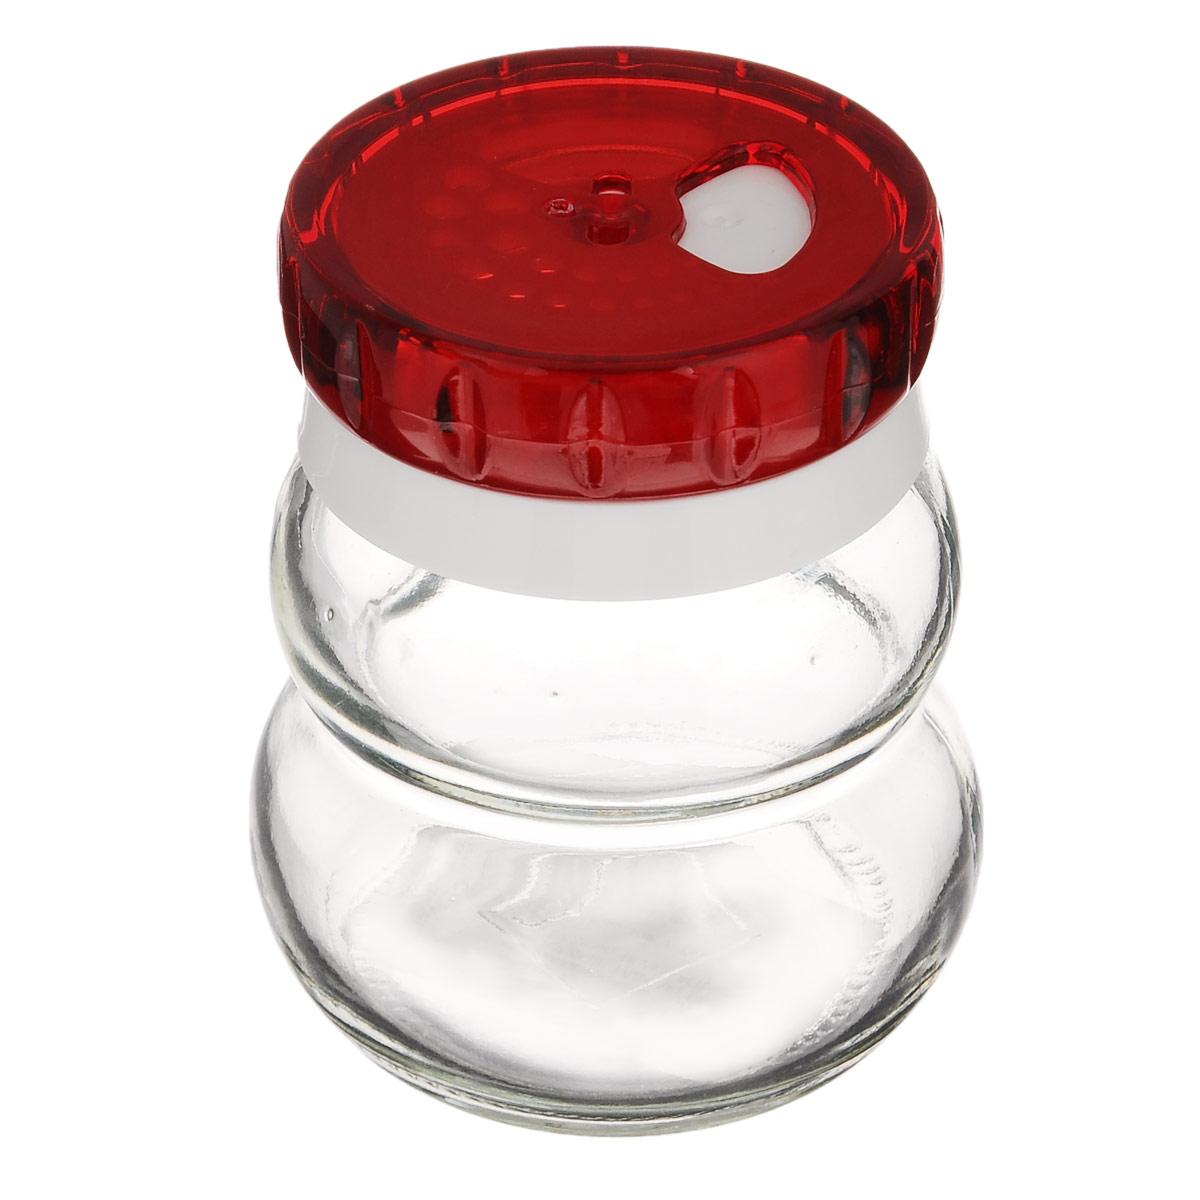 Банка для специй Herevin, цвет: красный, 200 мл. 131007-000131007-000_ красныйБанка для специй Herevin выполнена из прозрачного стекла и оснащена пластиковой цветной крышкой с отверстиями разного размера, благодаря которым, вы сможете приправить блюда, просто перевернув банку. Крышка снабжена поворотным механизмом, благодаря которому вы сможете регулировать степень подачи специй. Крышка легко откручивается, благодаря чему засыпать приправу внутрь очень просто. Такая баночка станет достойным дополнением к вашему кухонному инвентарю. Можно мыть в посудомоечной машине.Диаметр (по верхнему краю): 4 см.Высота банки (без учета крышки): 7,5 см.